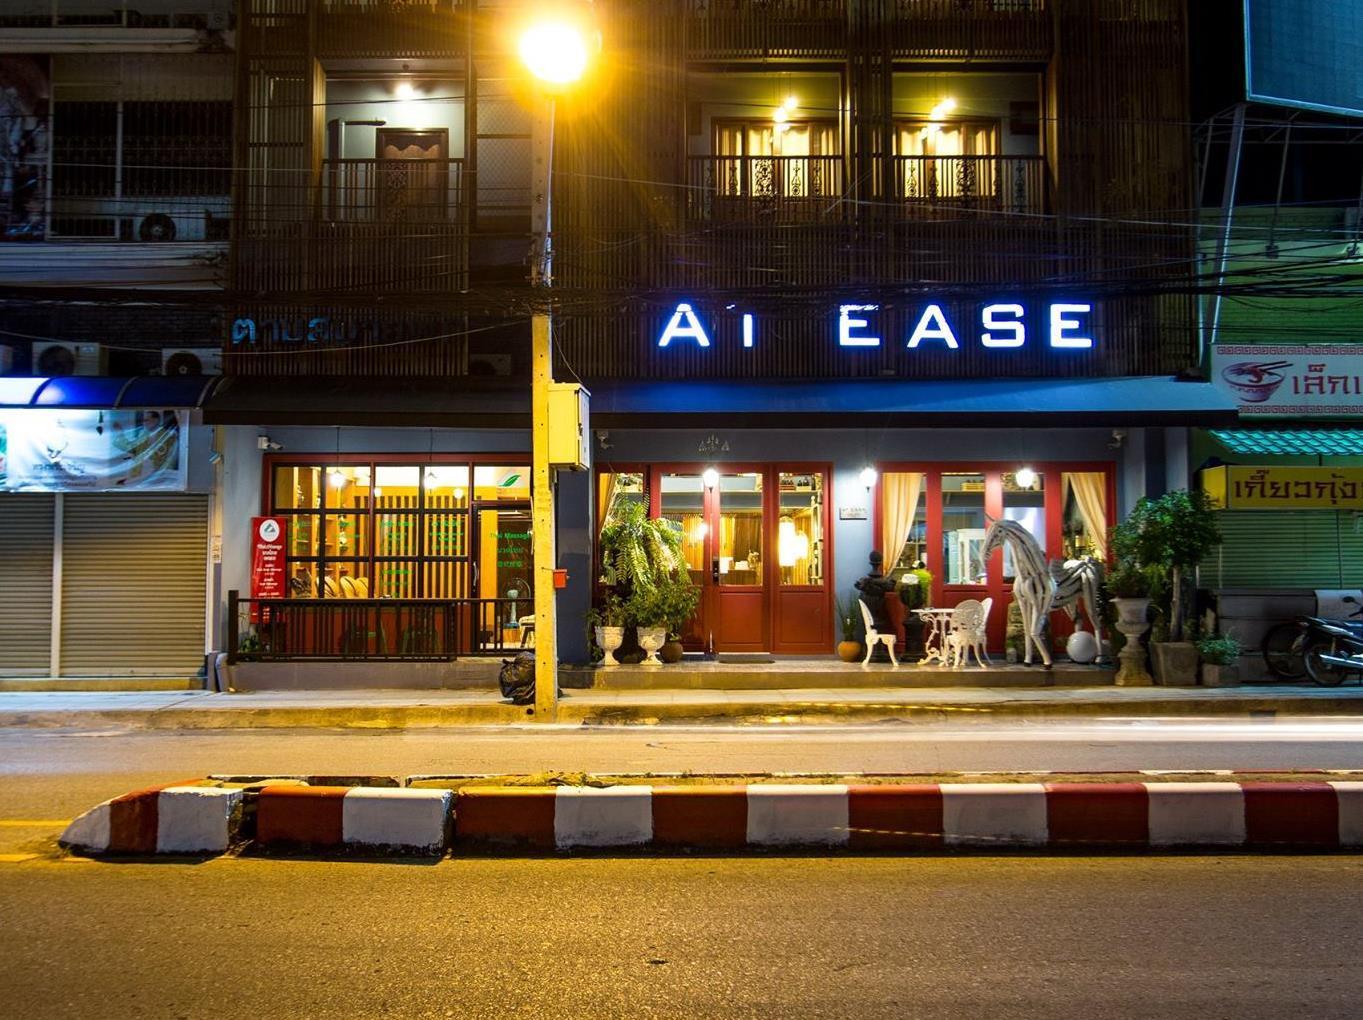 ค้นหาและจอง แอท อีส บีจู เพลซ (At Ease Bijou Place)